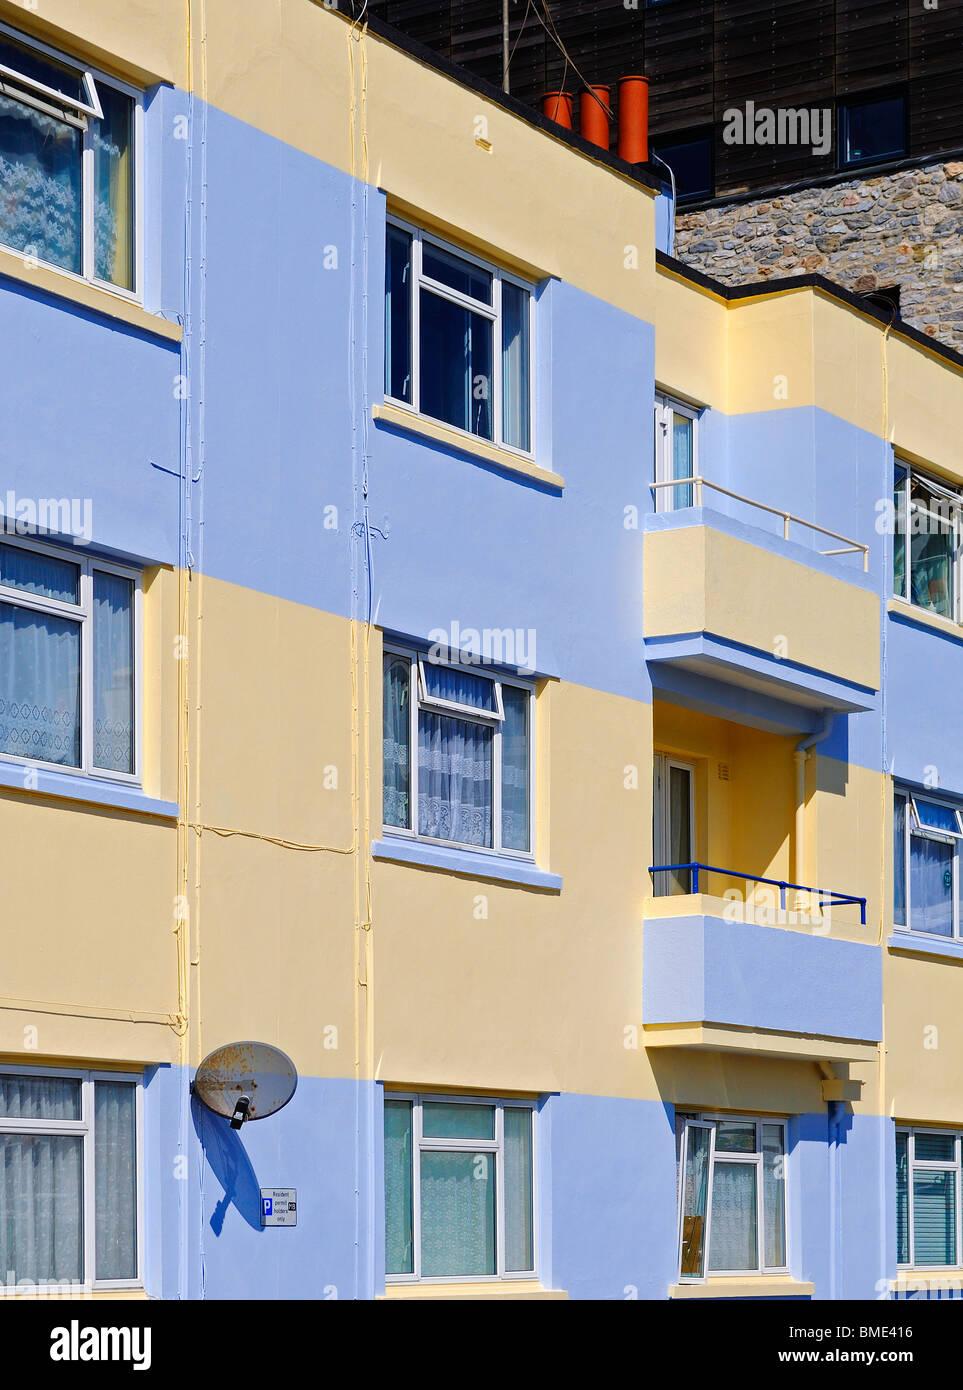 Appartements donnant sur le Barbican de Plymouth, Devon, UK Photo Stock